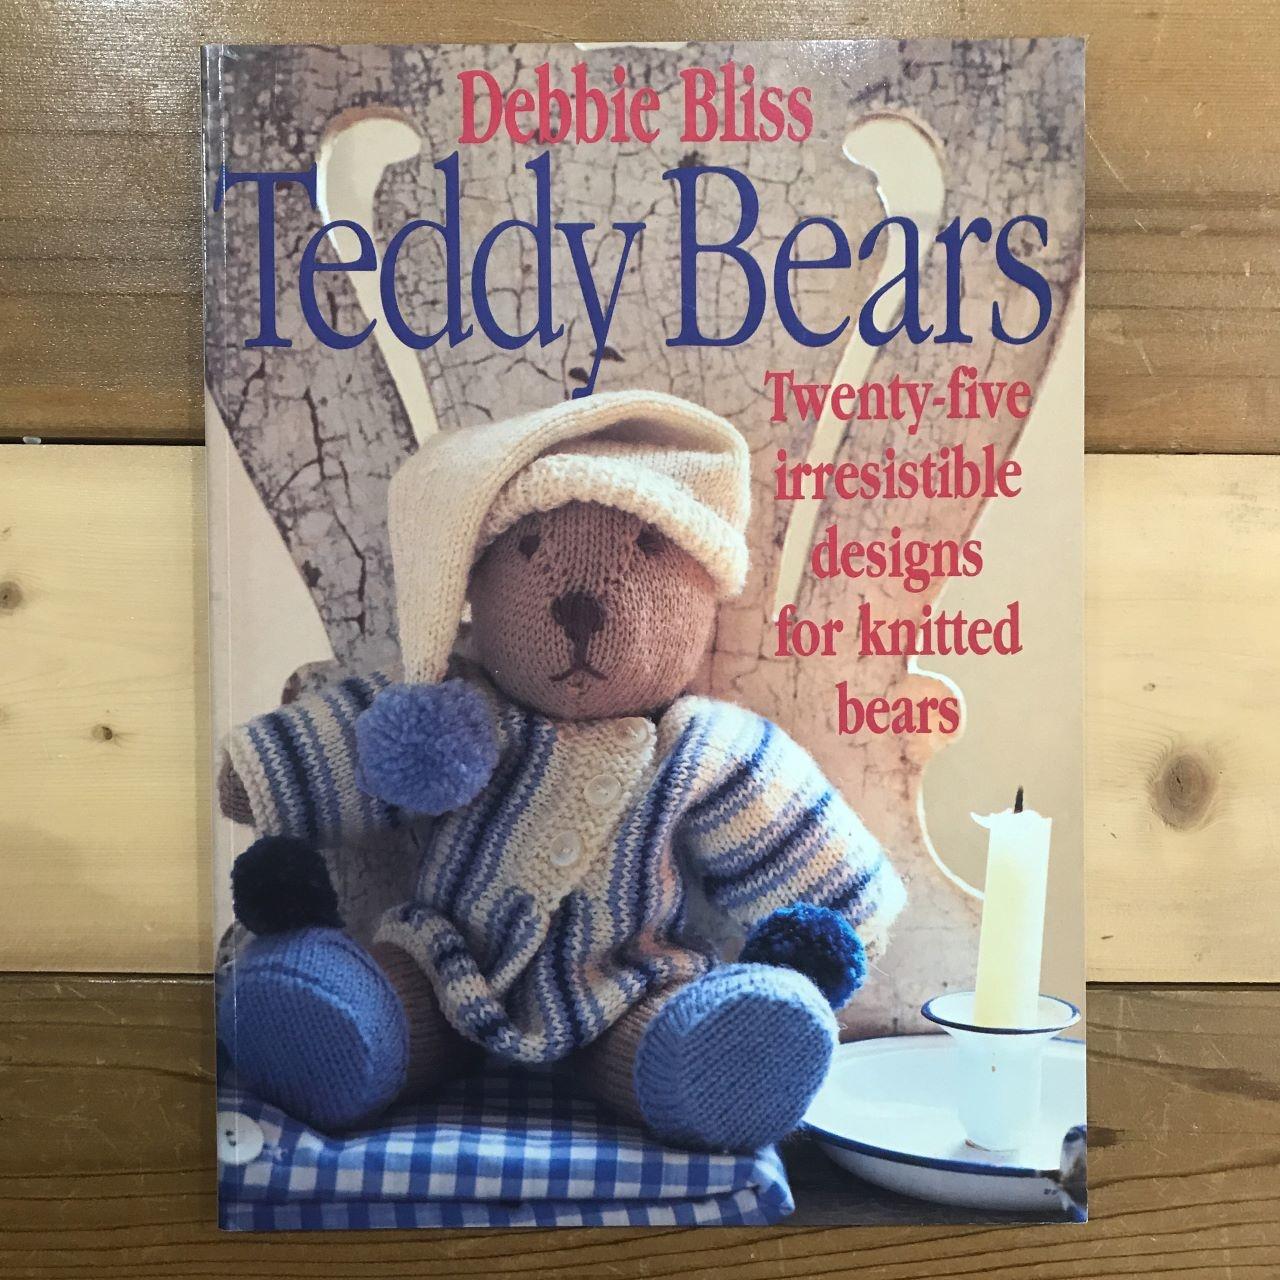 Debbie Bliss Teddy Bears